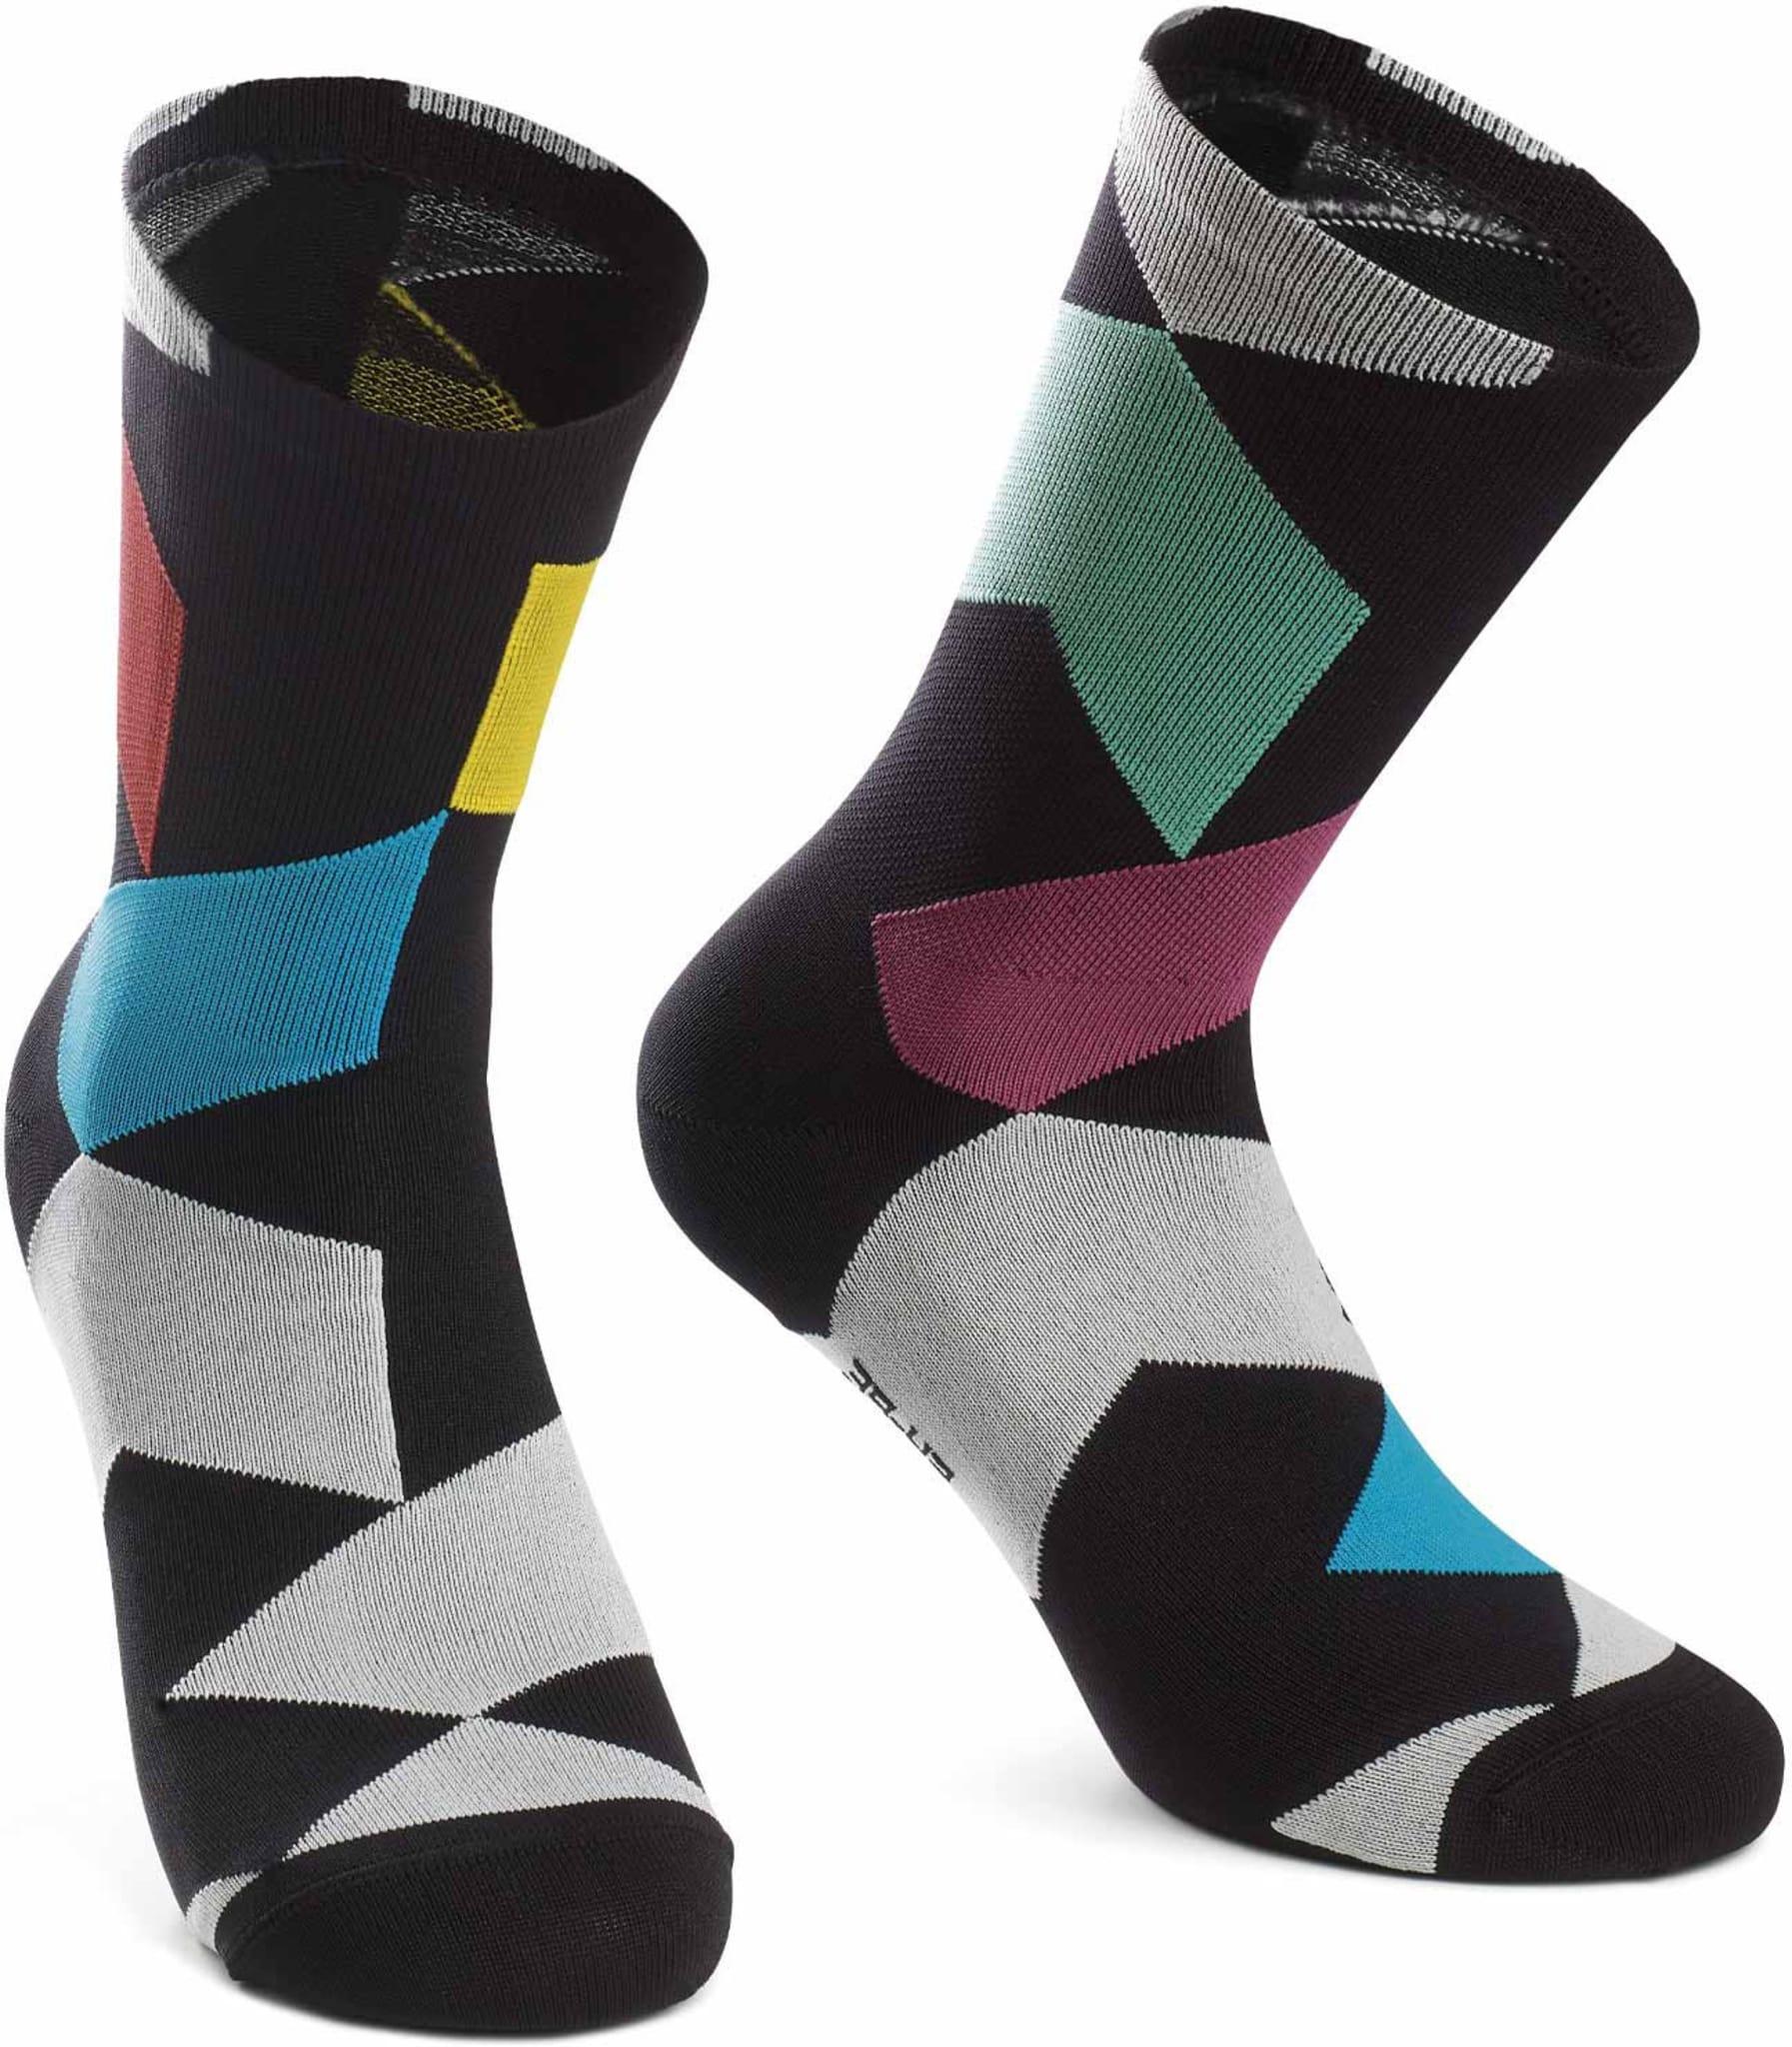 Stilfulle sokker!